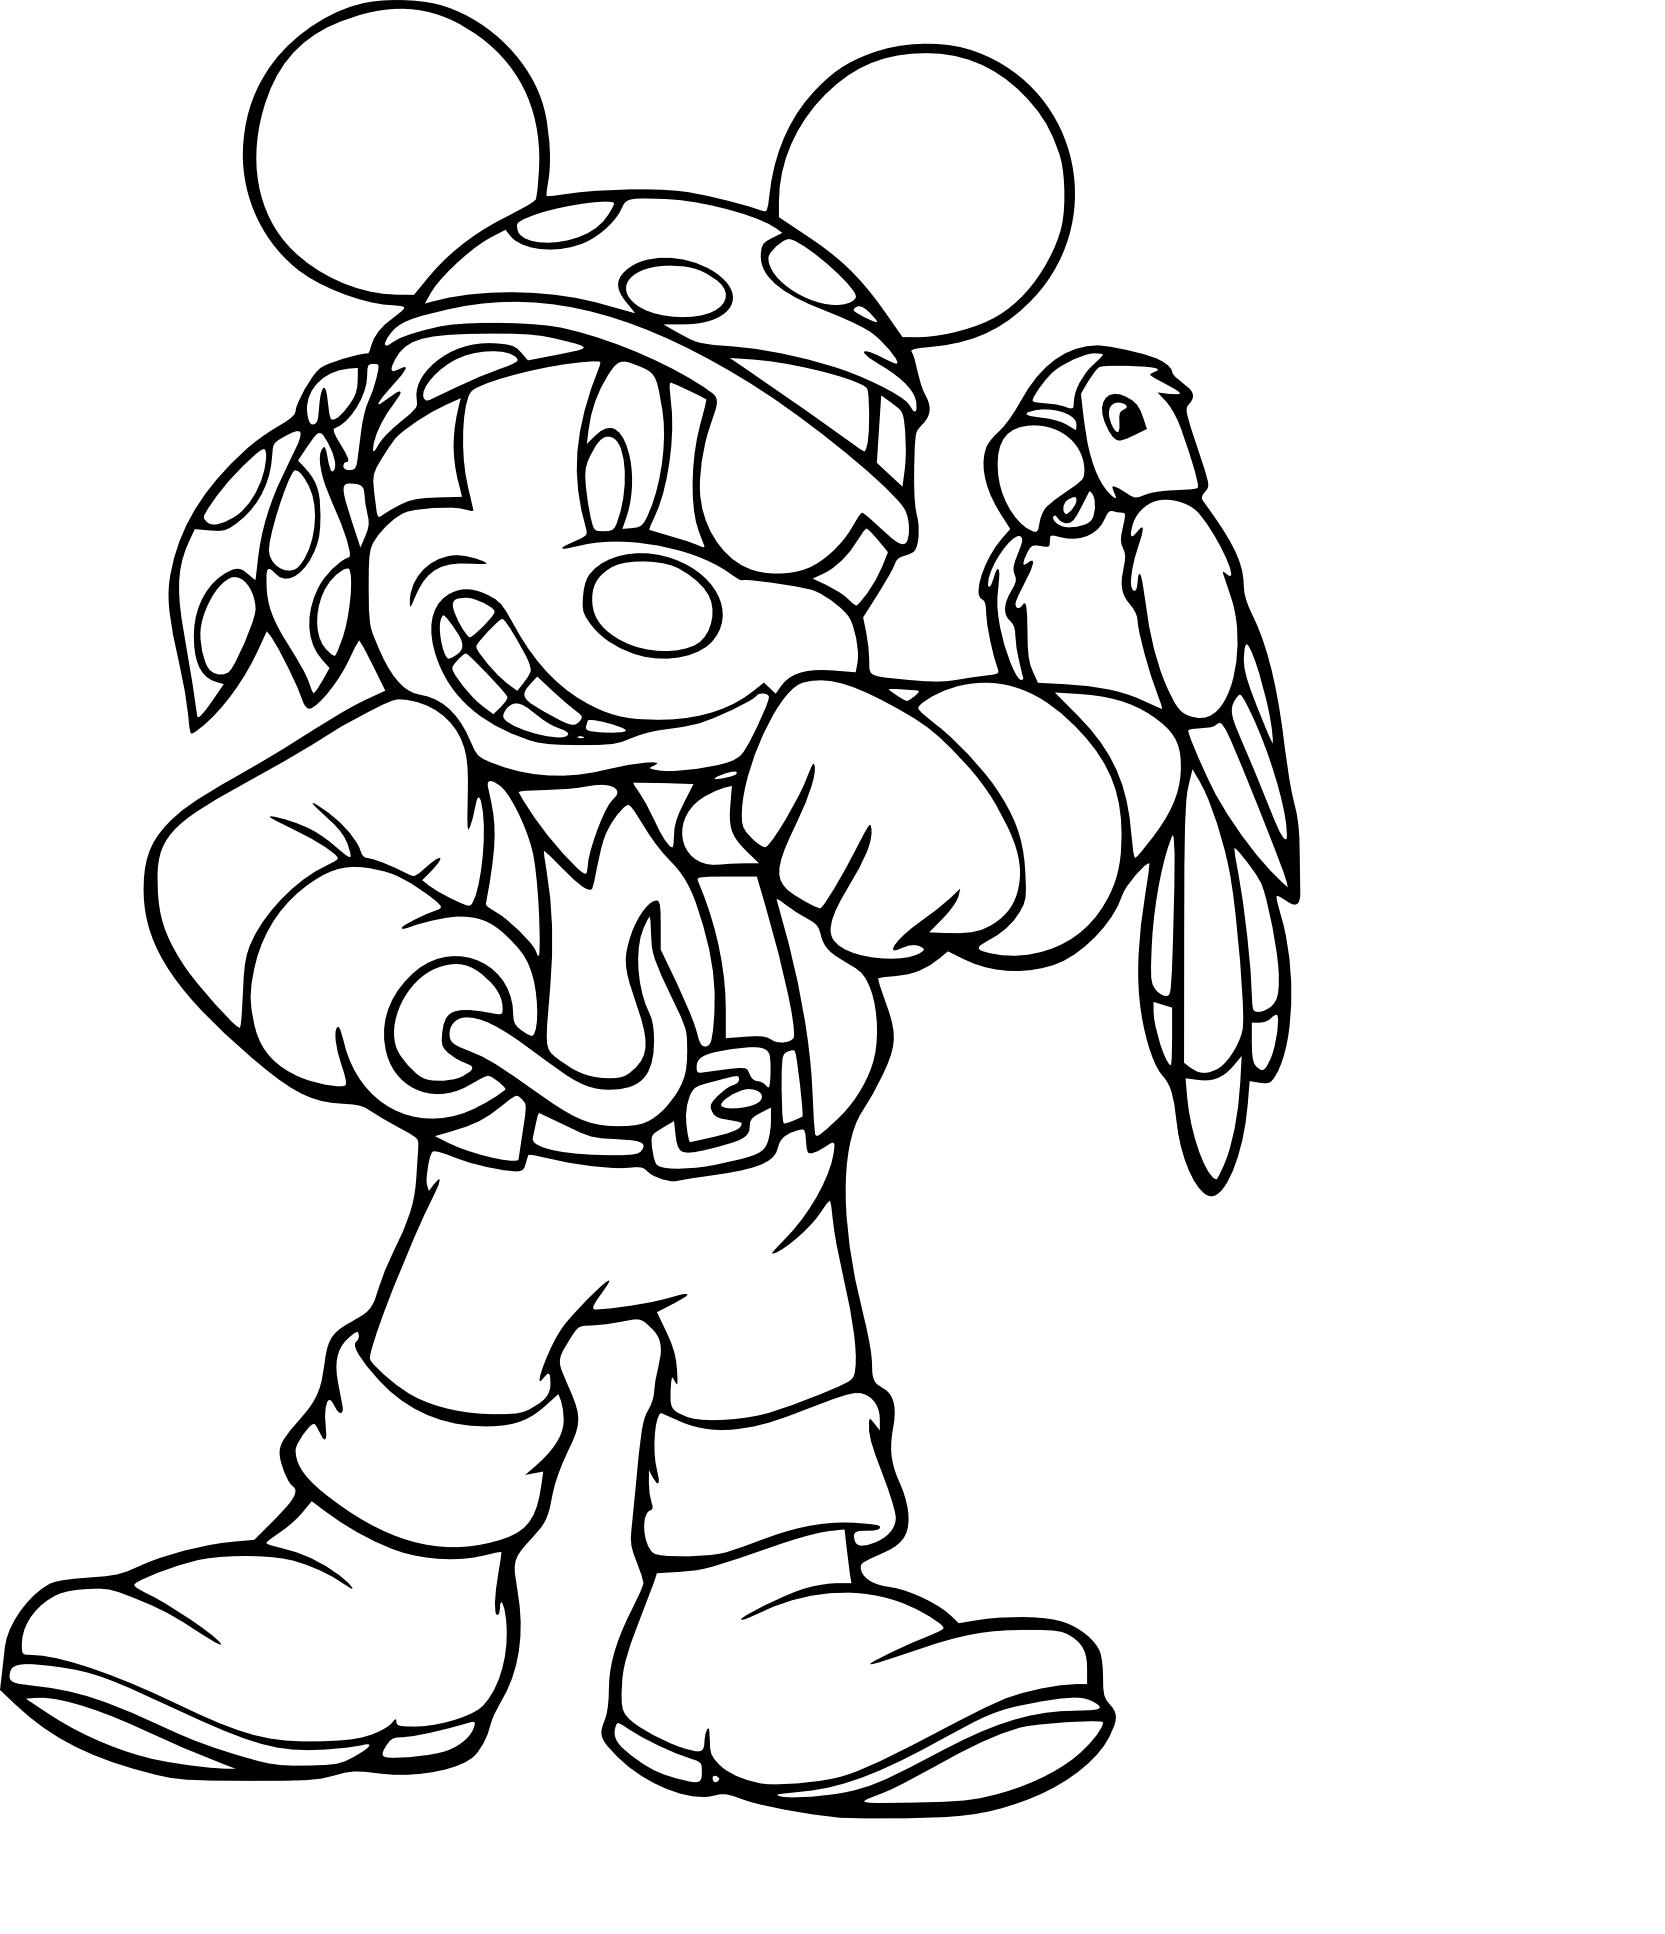 dessin à colorier mickey noel imprimer gratuit